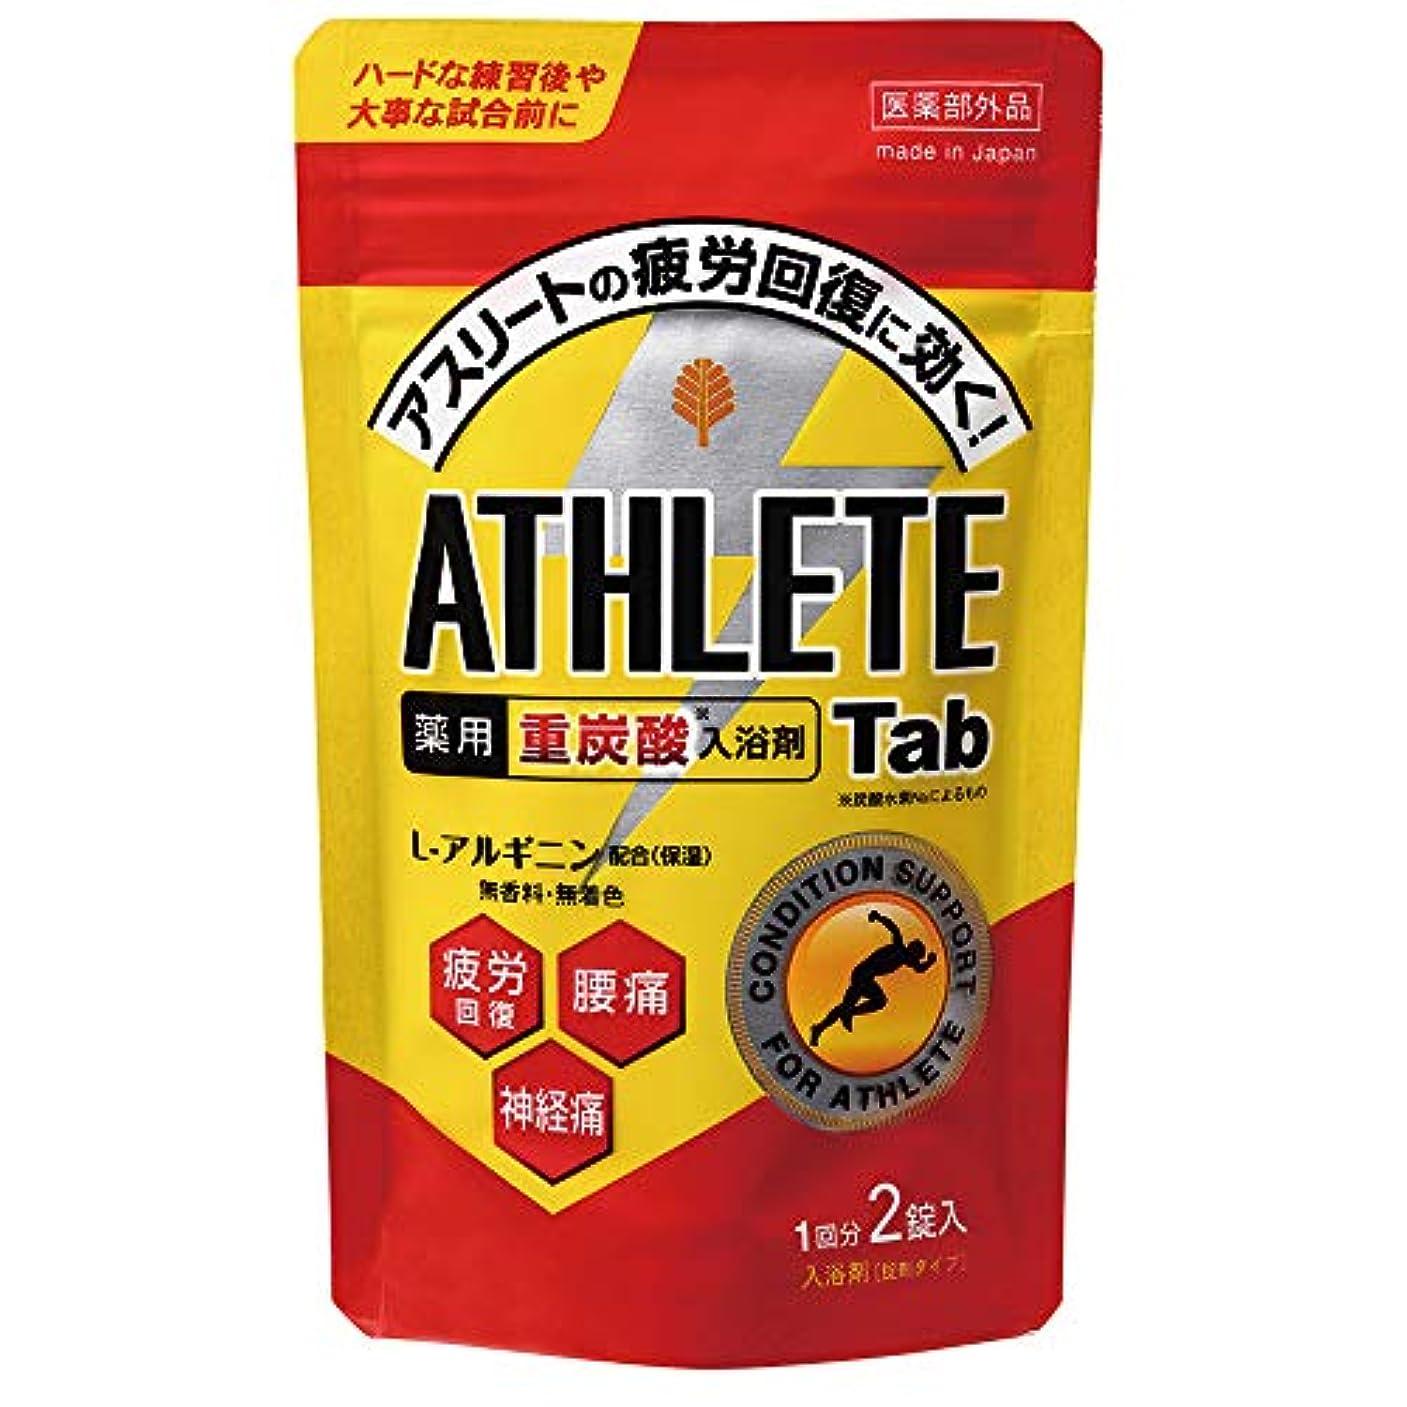 分離貝殻所有権日本製 made in japan 薬用 ATHLETE Tab2錠x1パック BT-8572 【まとめ買い12個セット】